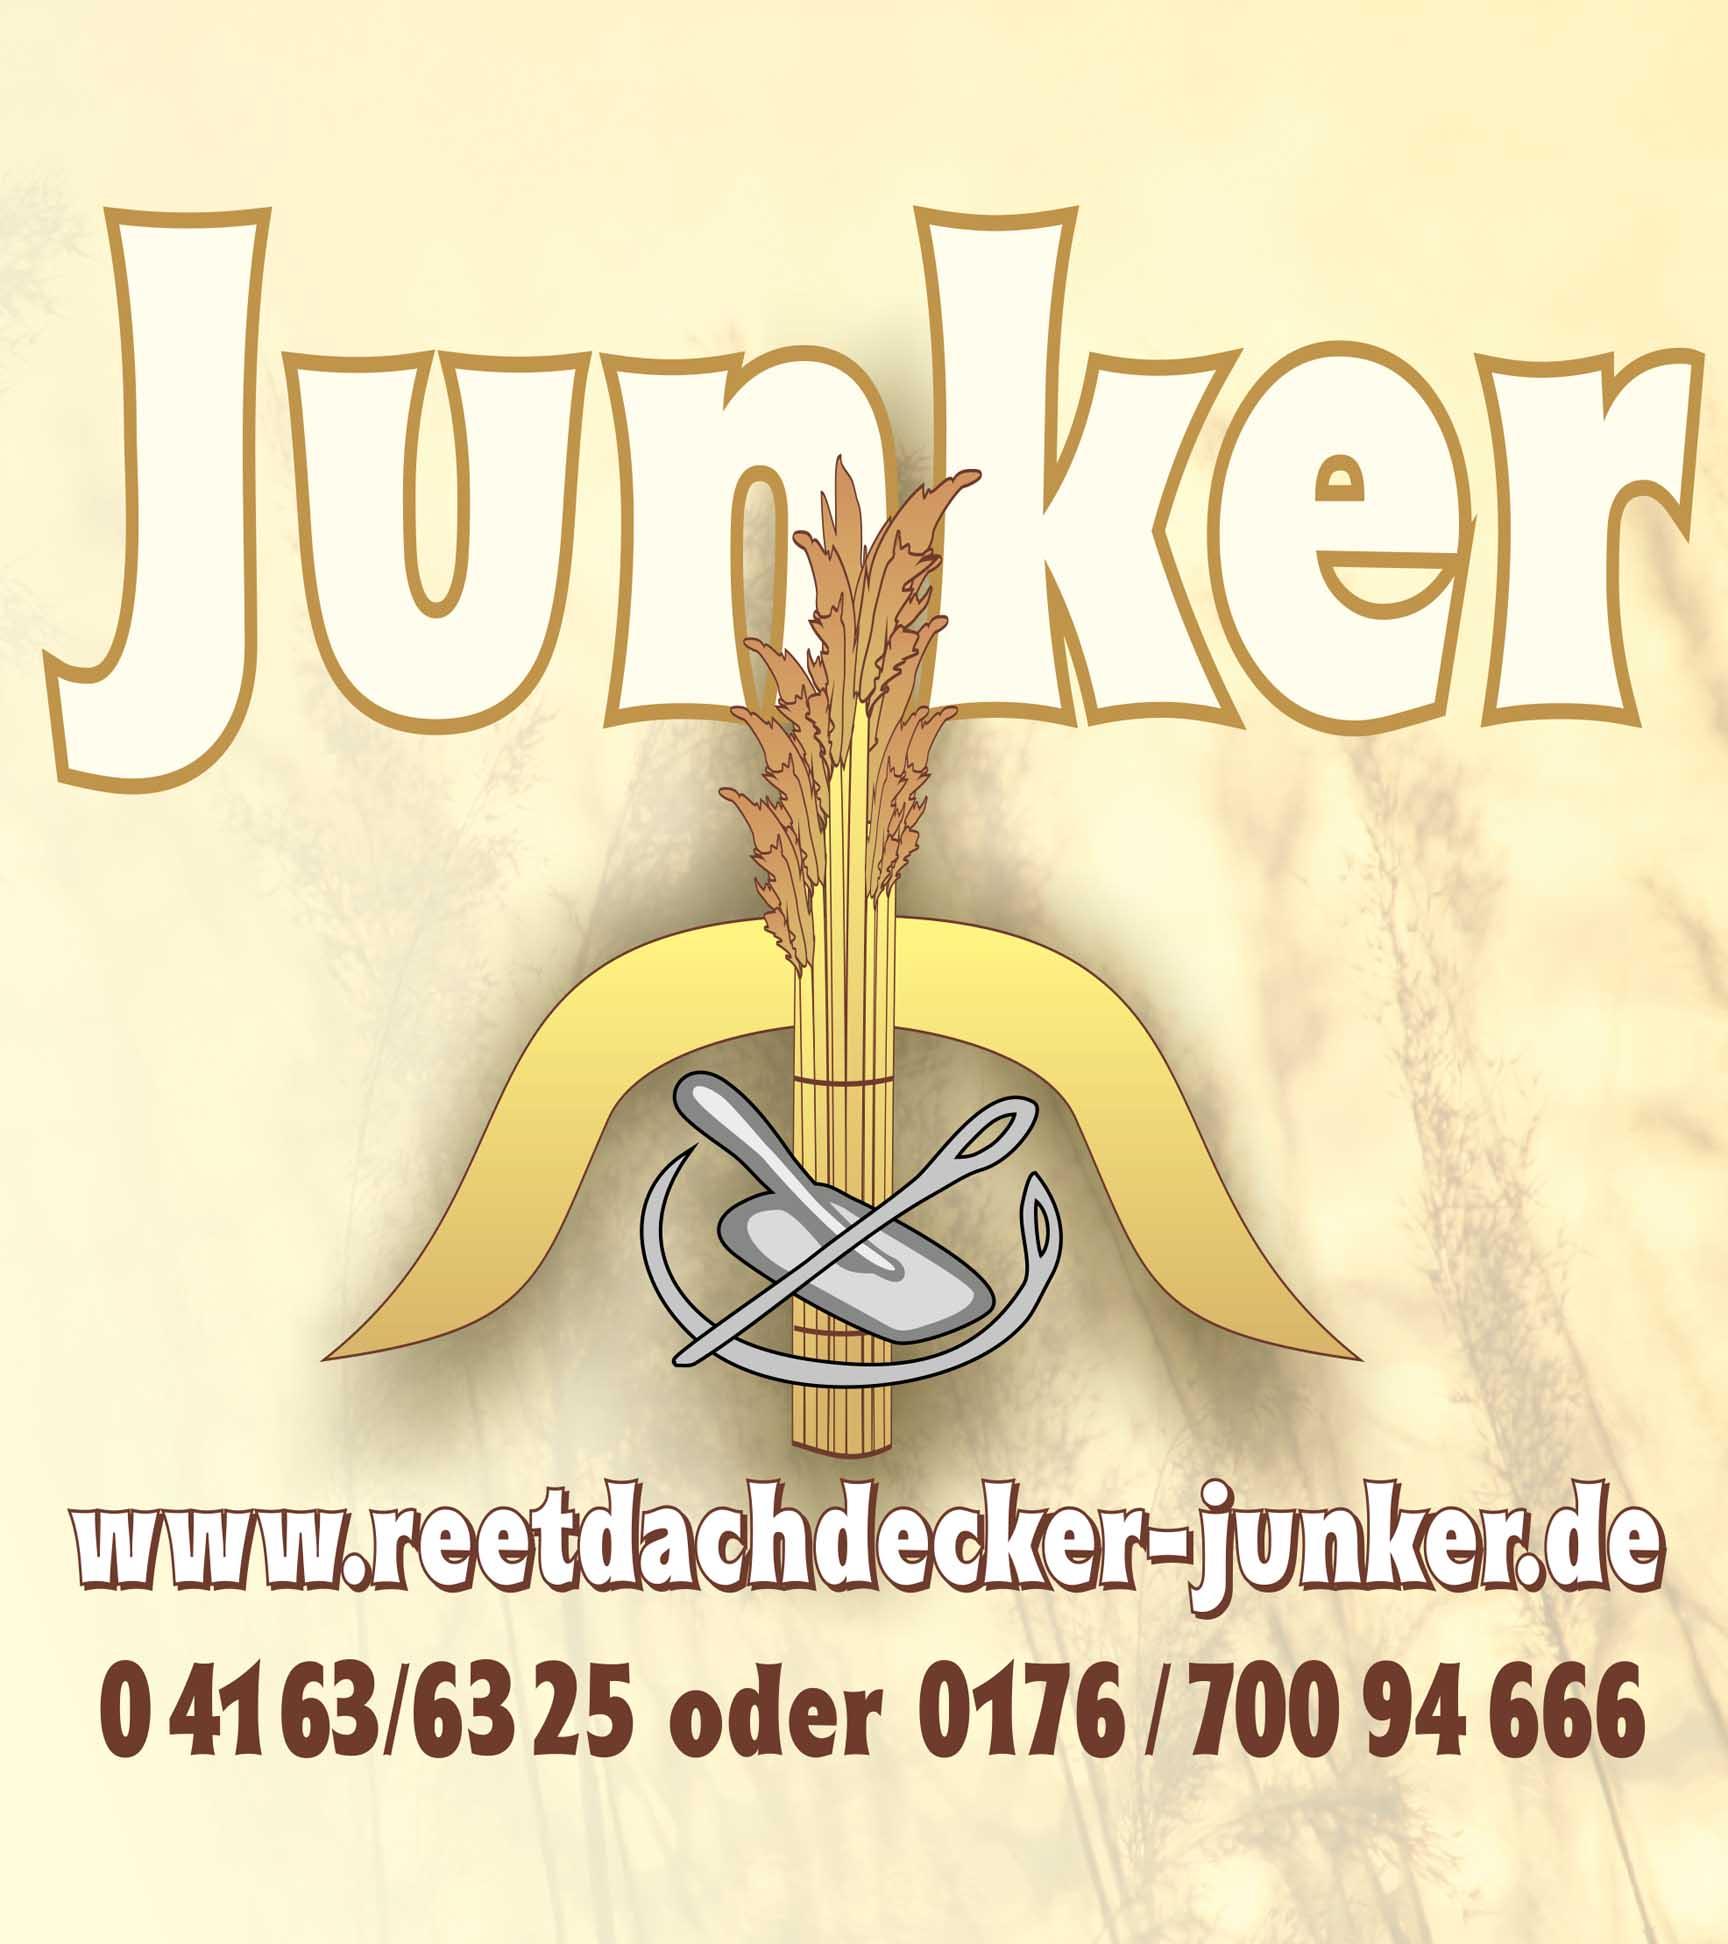 Reetdachdecker Reinhold Junker